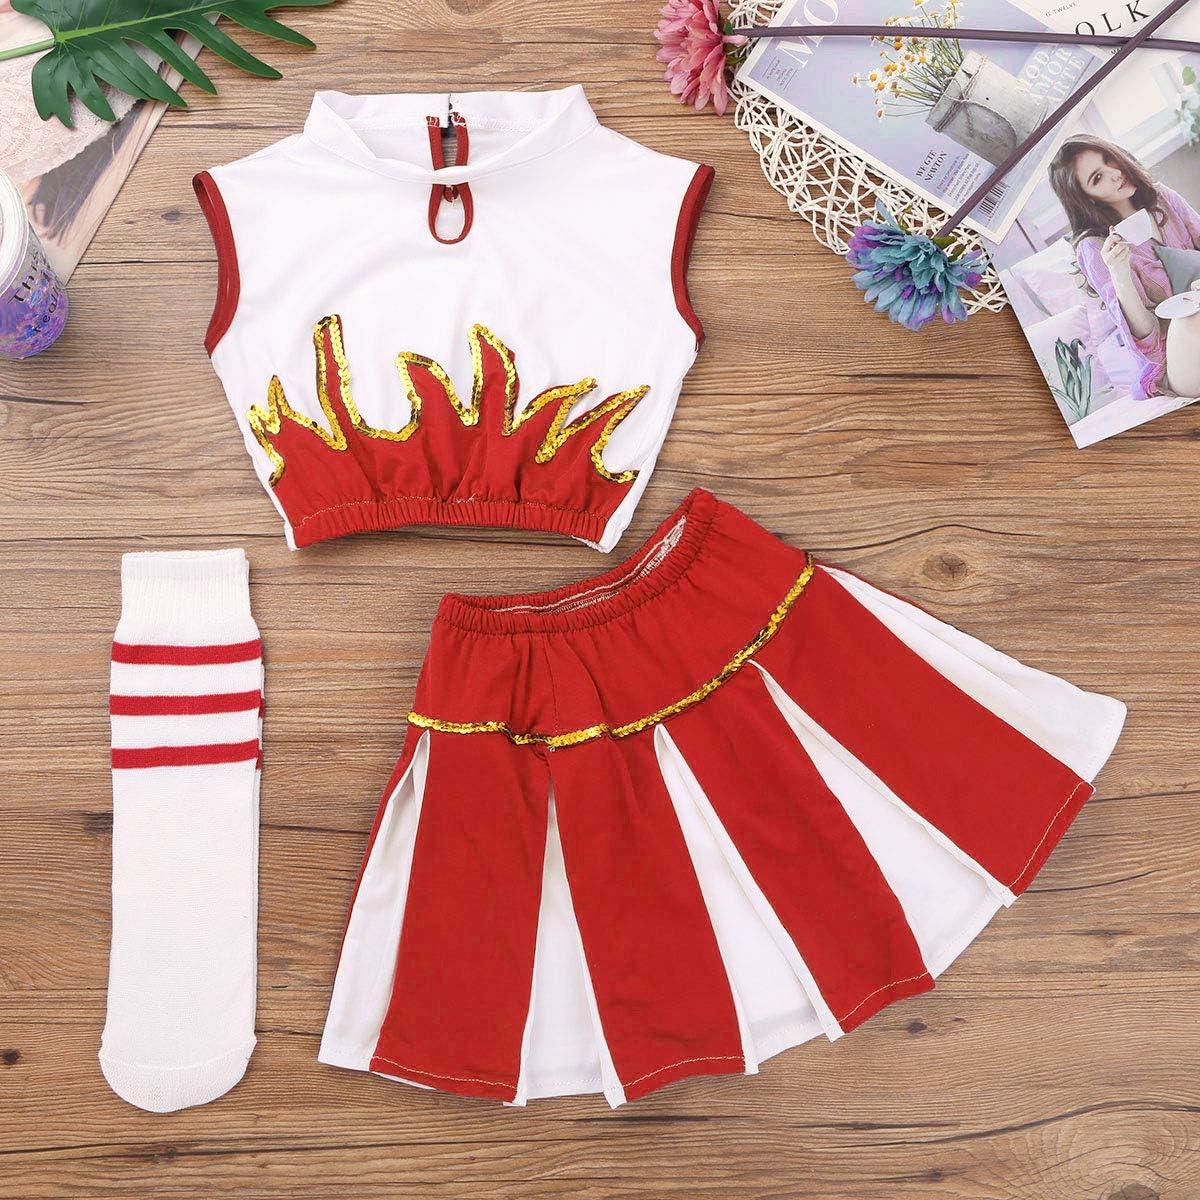 CHICTRY Girls Children Cheer Uniform Sequin Red Star School Dance Camp Cheerleading Cosplay Costumes